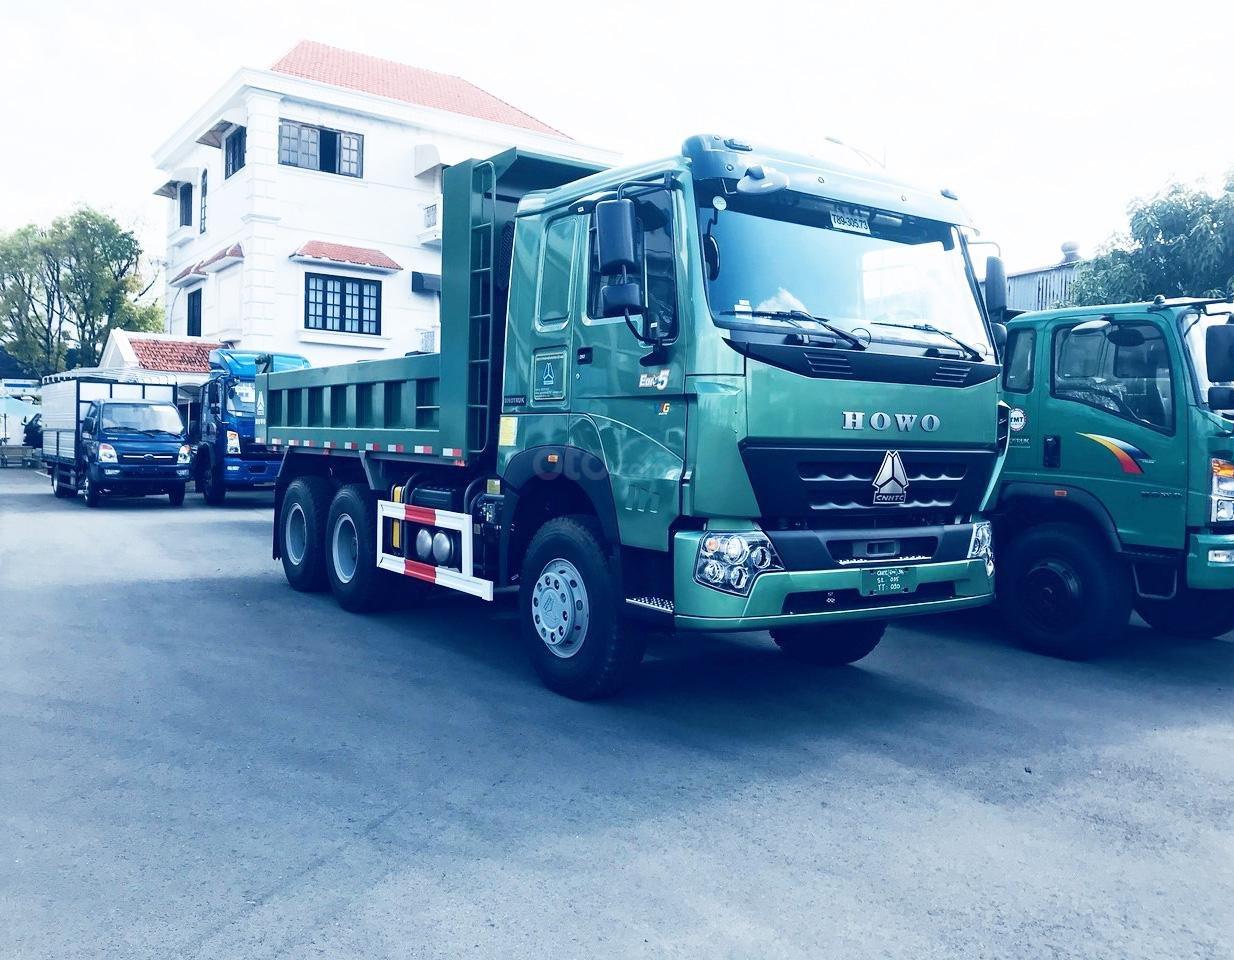 Bán xe tải Ben Howo 3 chân tải 11 tấn giá rẻ tại Hải Phòng và Quảng Ninh, Hải Dương (4)